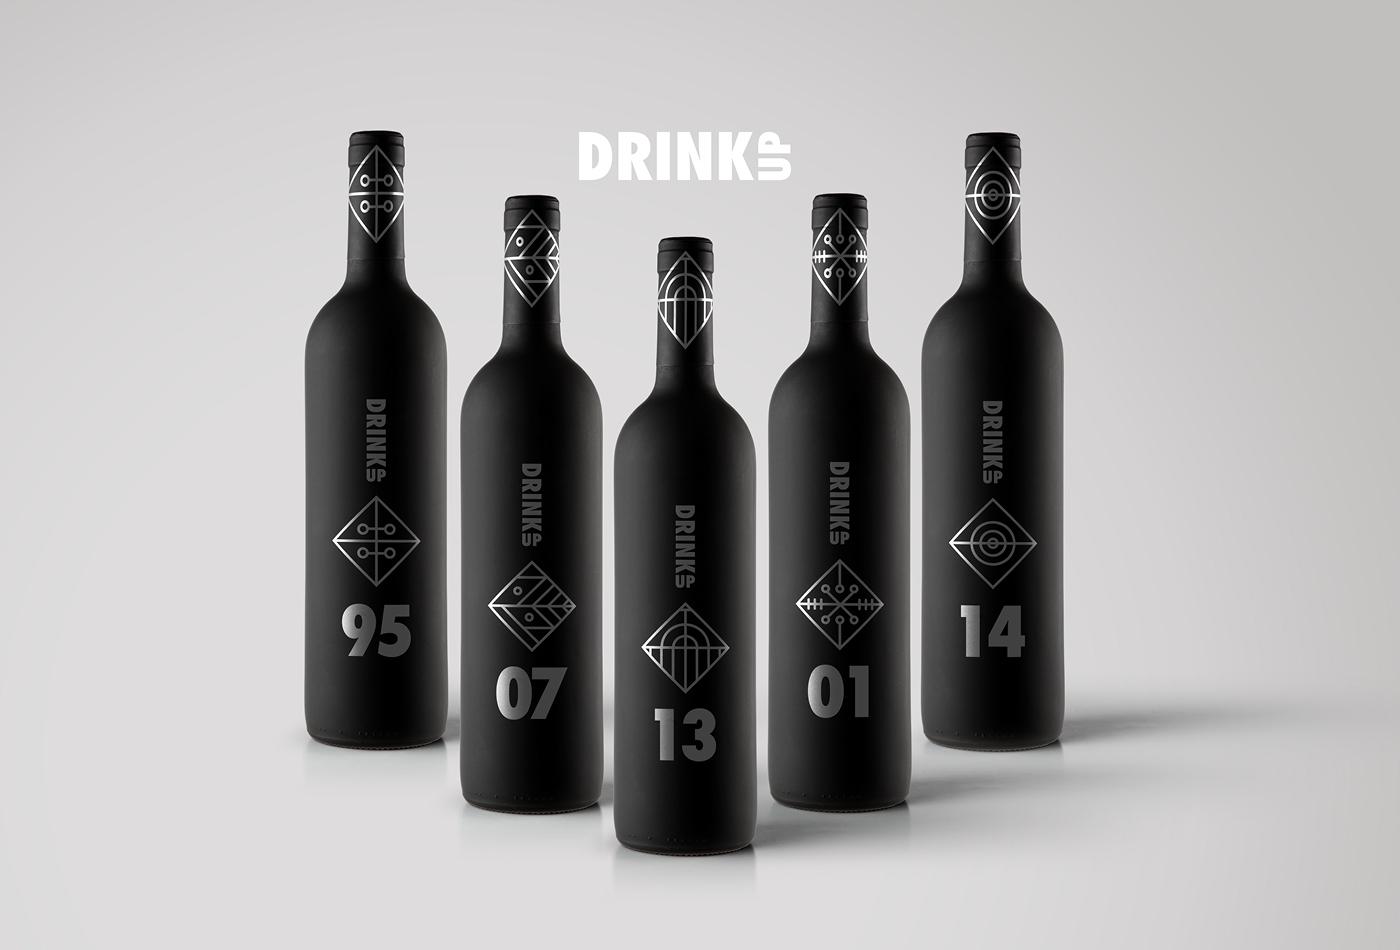 Drink Up Wine Label Design Concepts